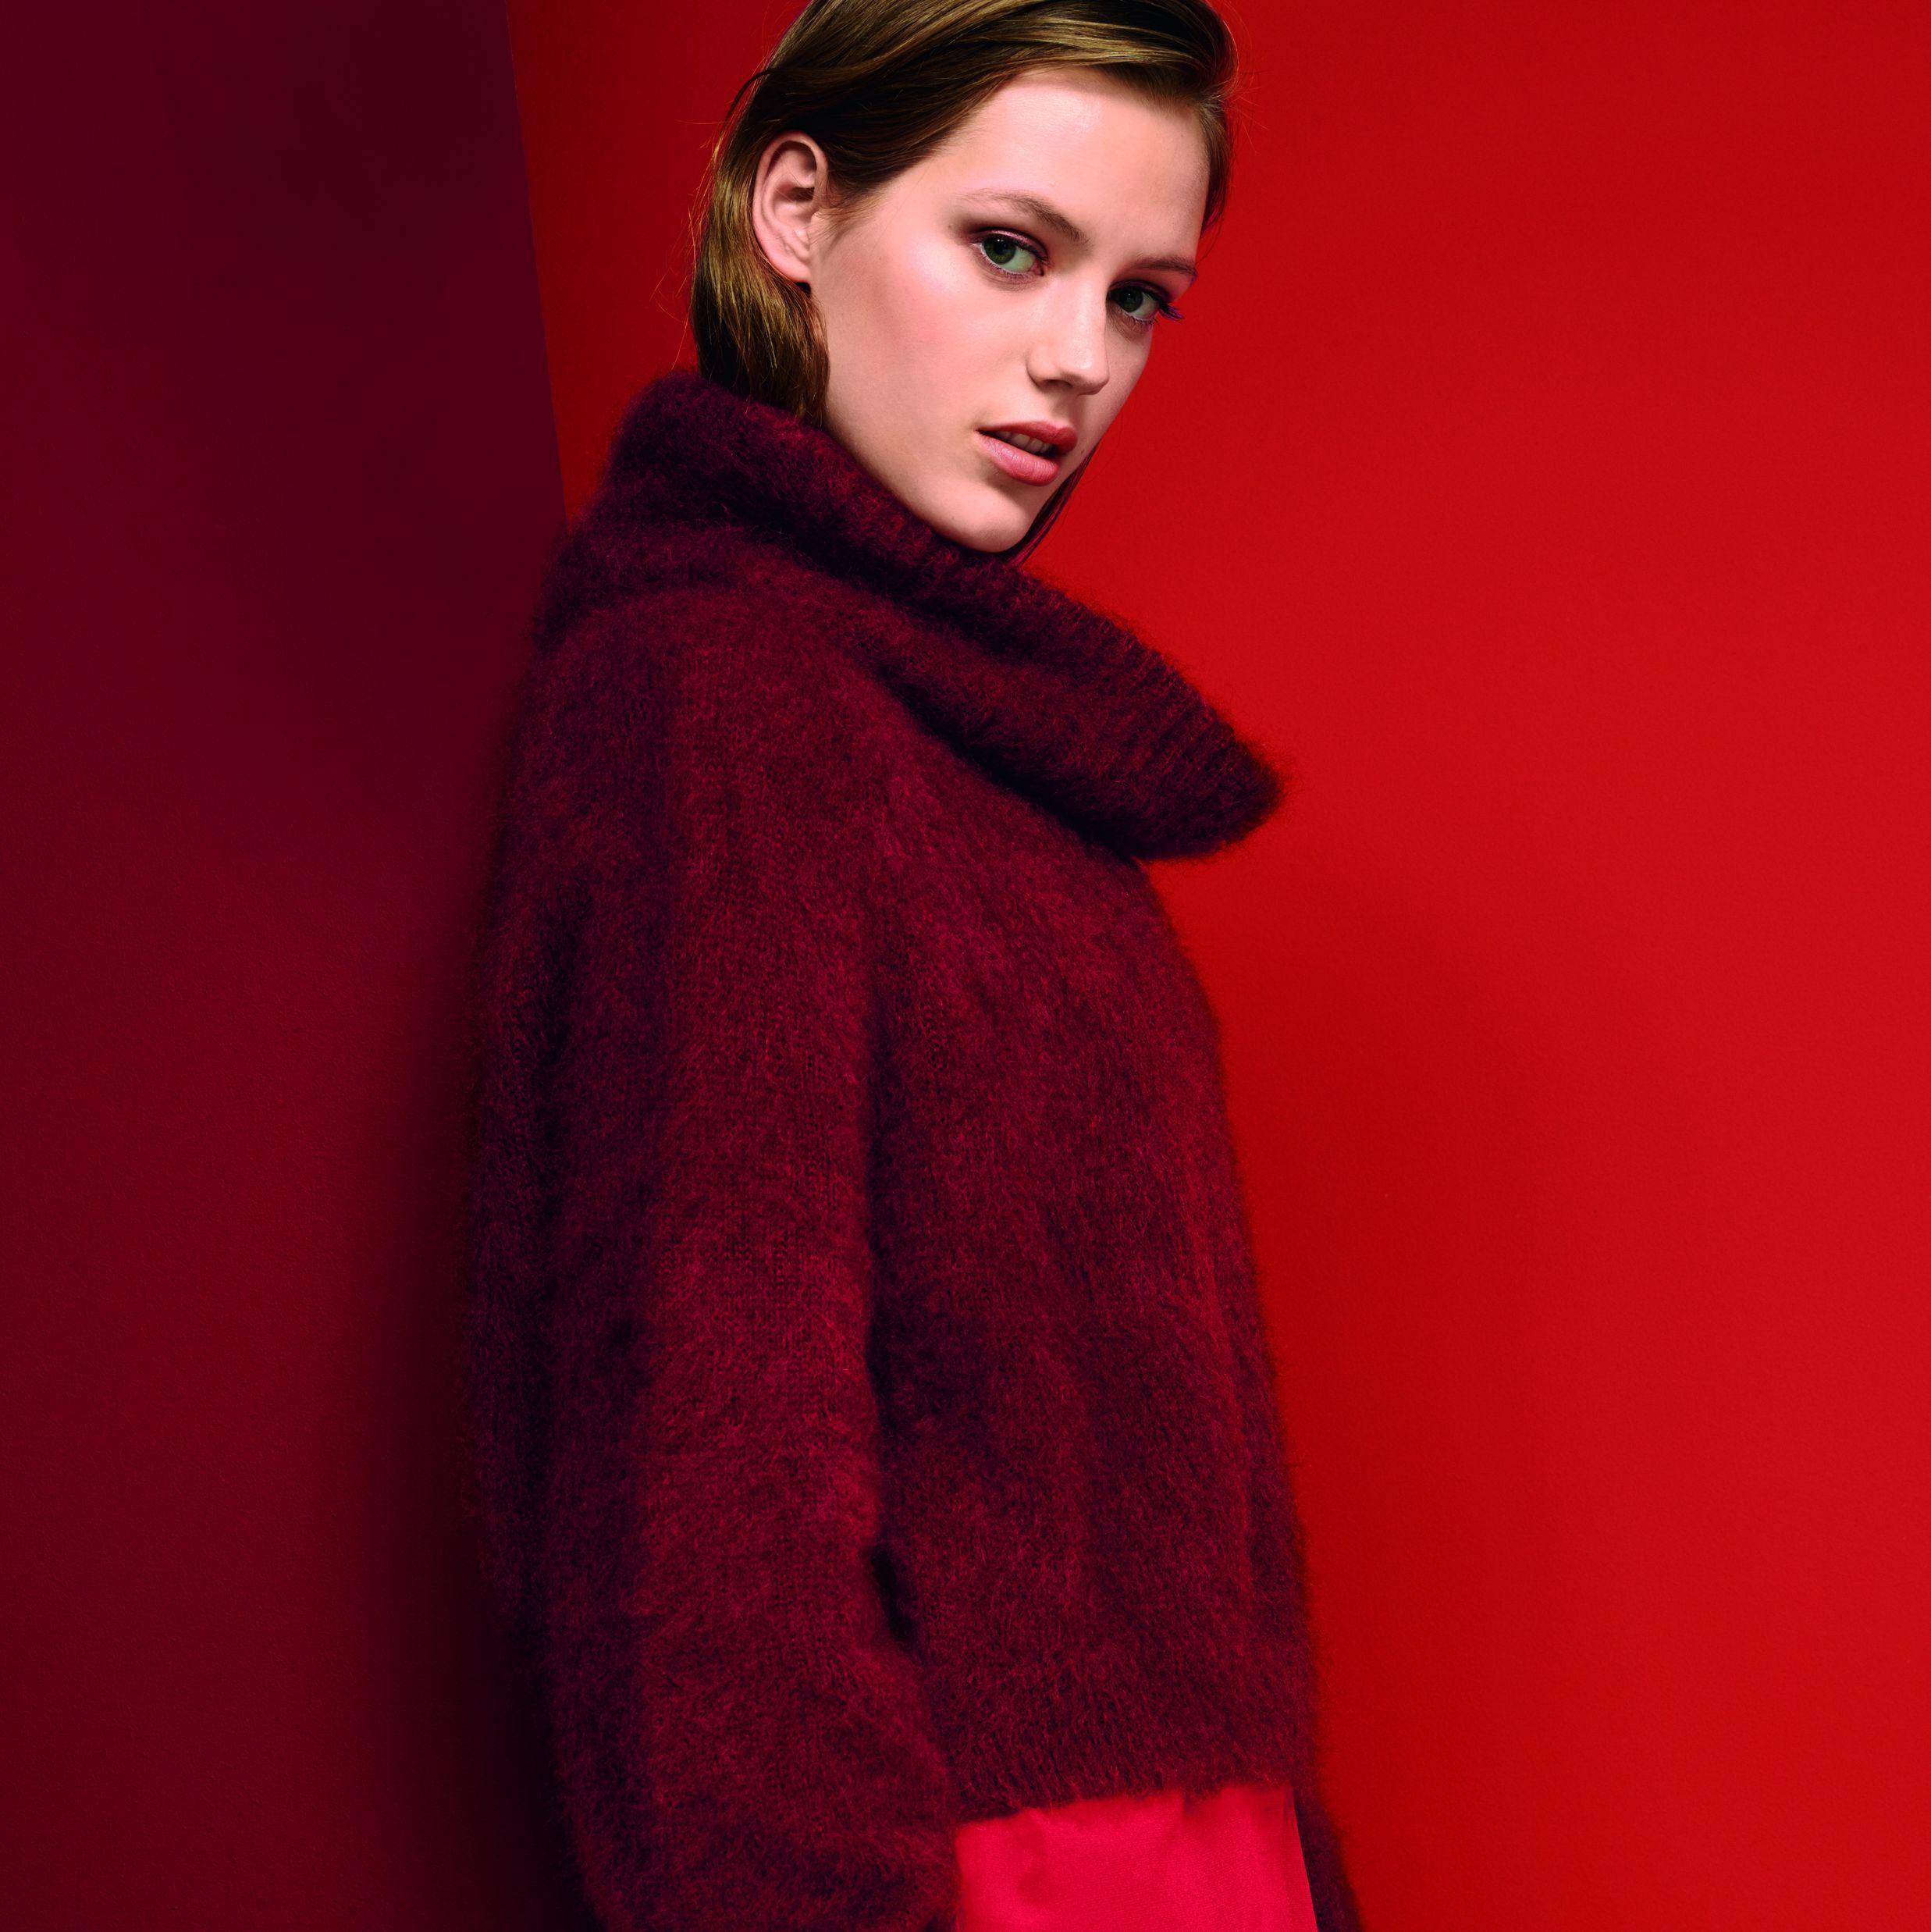 Rot ist die Trendfarbe des Winters. Colour-Blocking für Mutige, von Rosarot bis Rostrot stehen hoch im Kurs und peppen Looks in gedeckten Tönen auf. Das sind die Farbkombinationen der Saison.